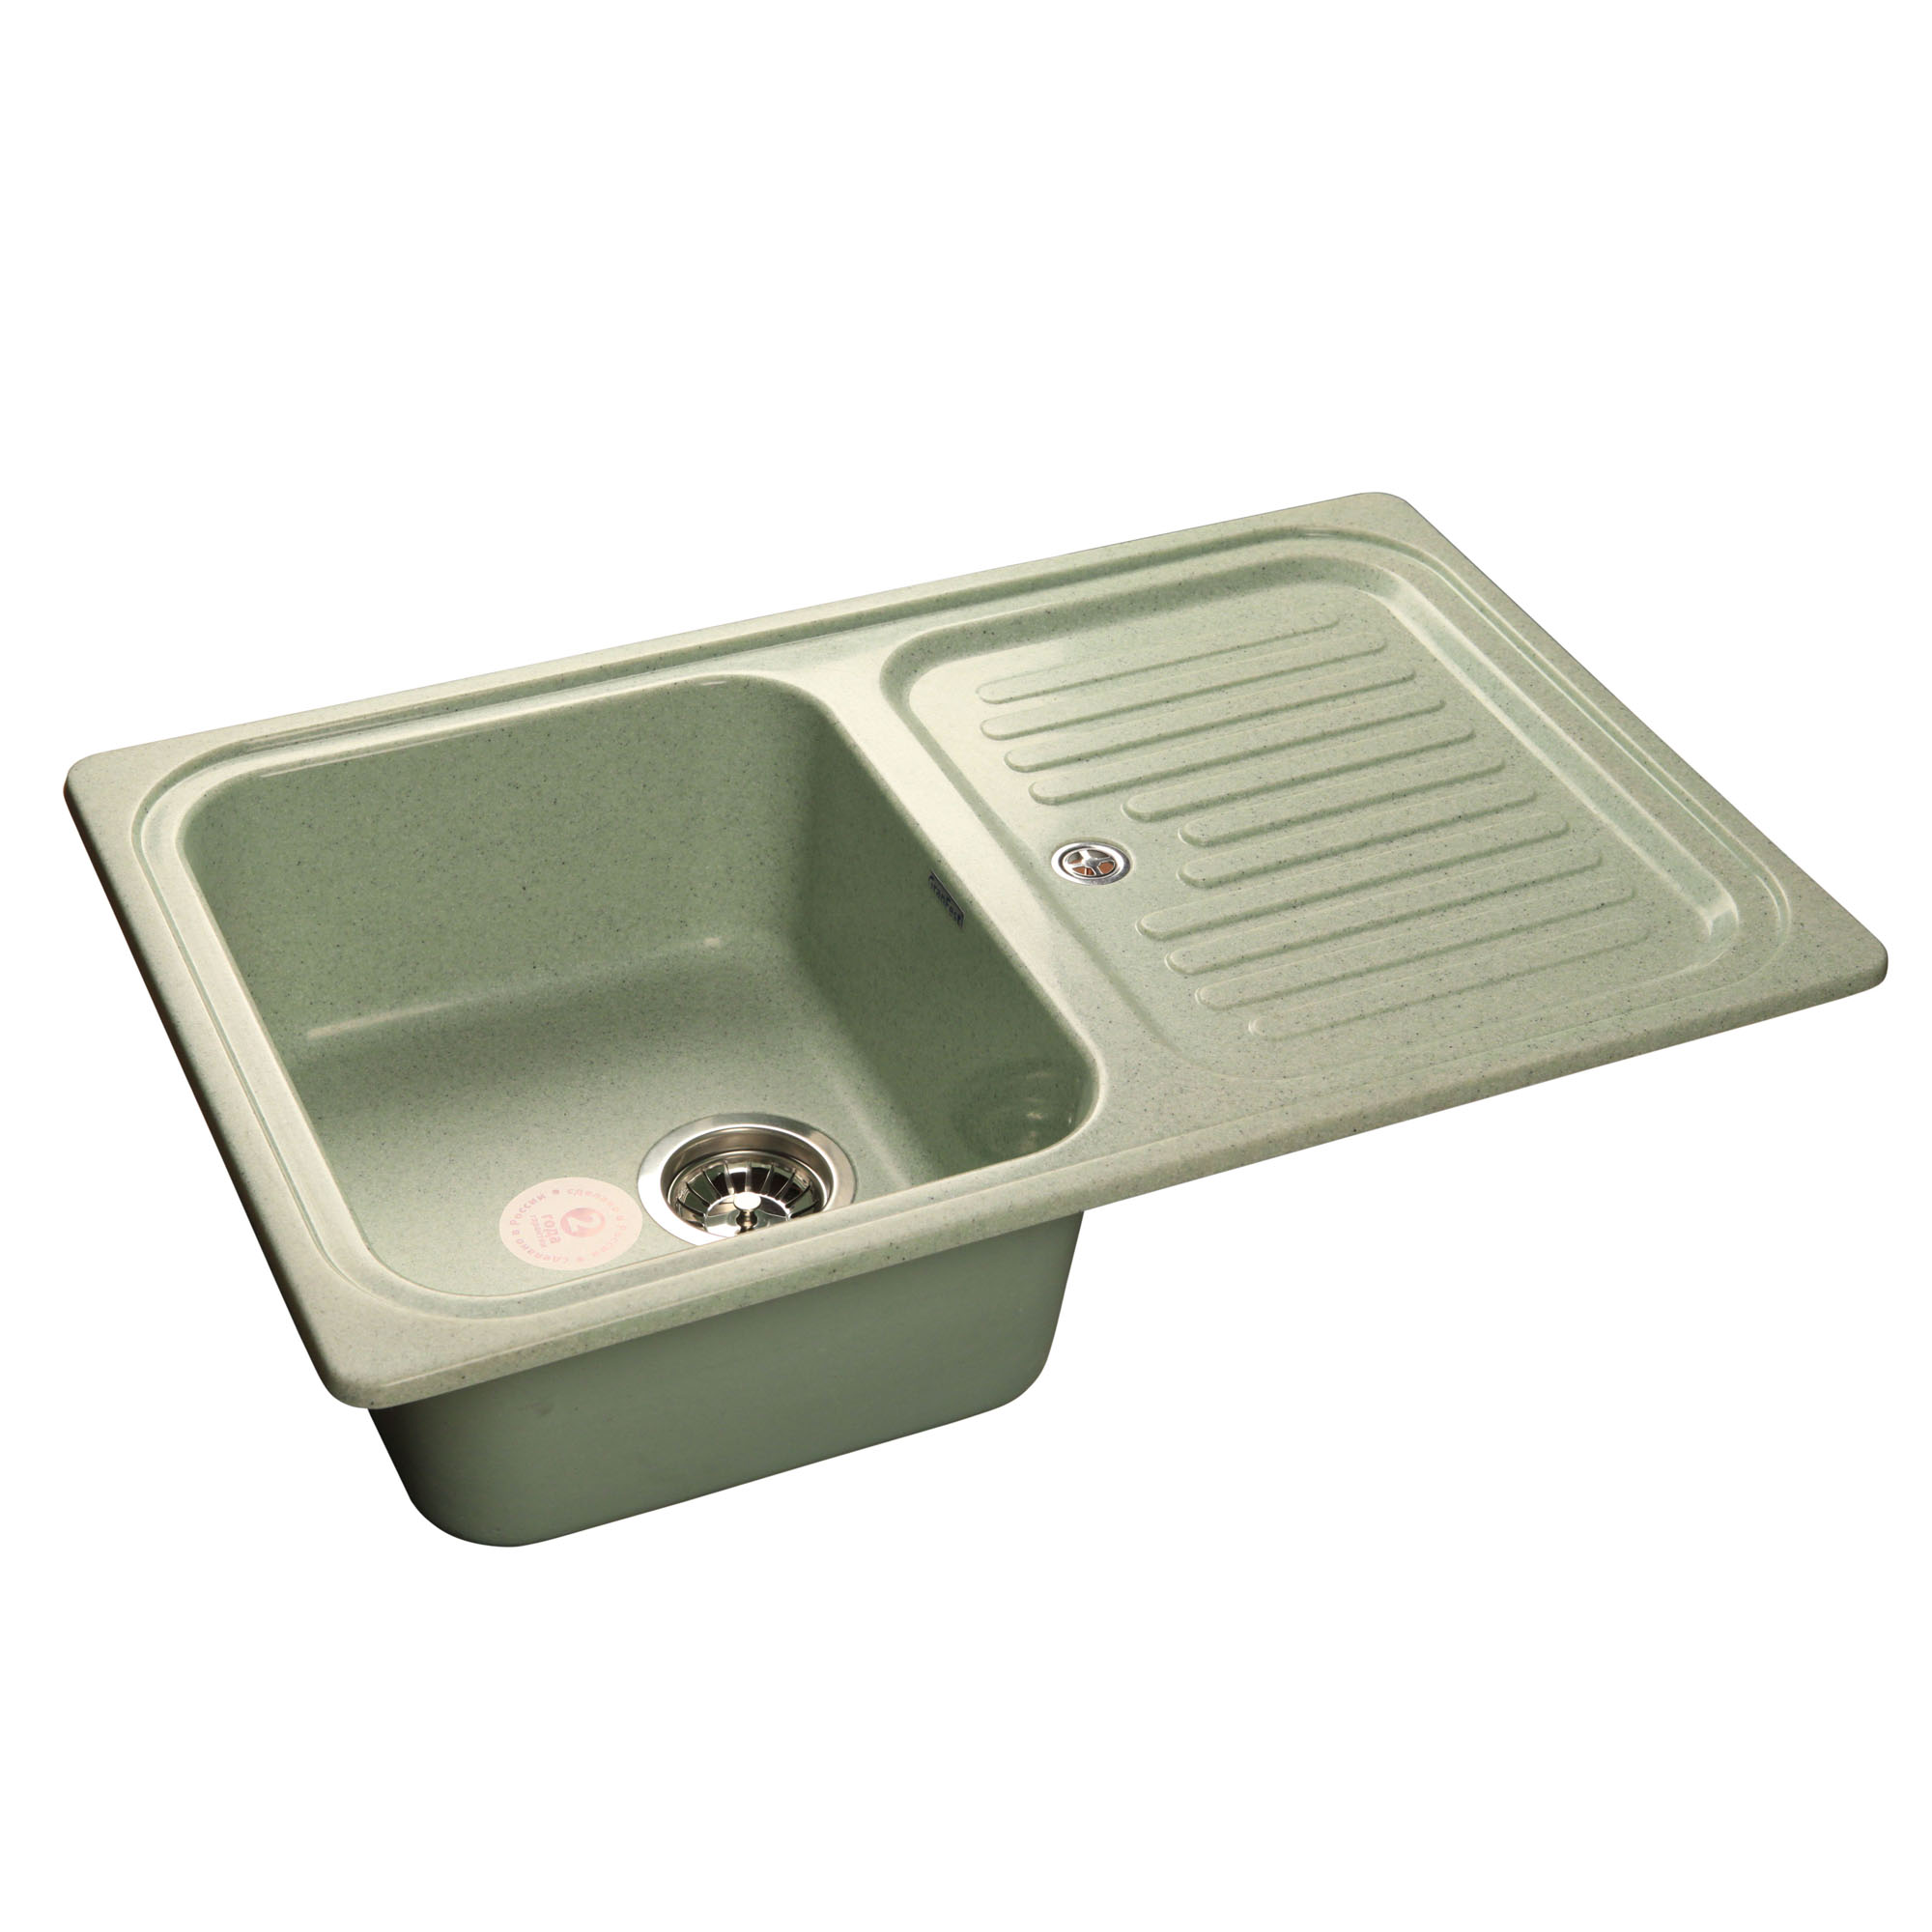 Кухонная мойка GranFest Standart GF-S780L салатовый атс ip yeastar standart